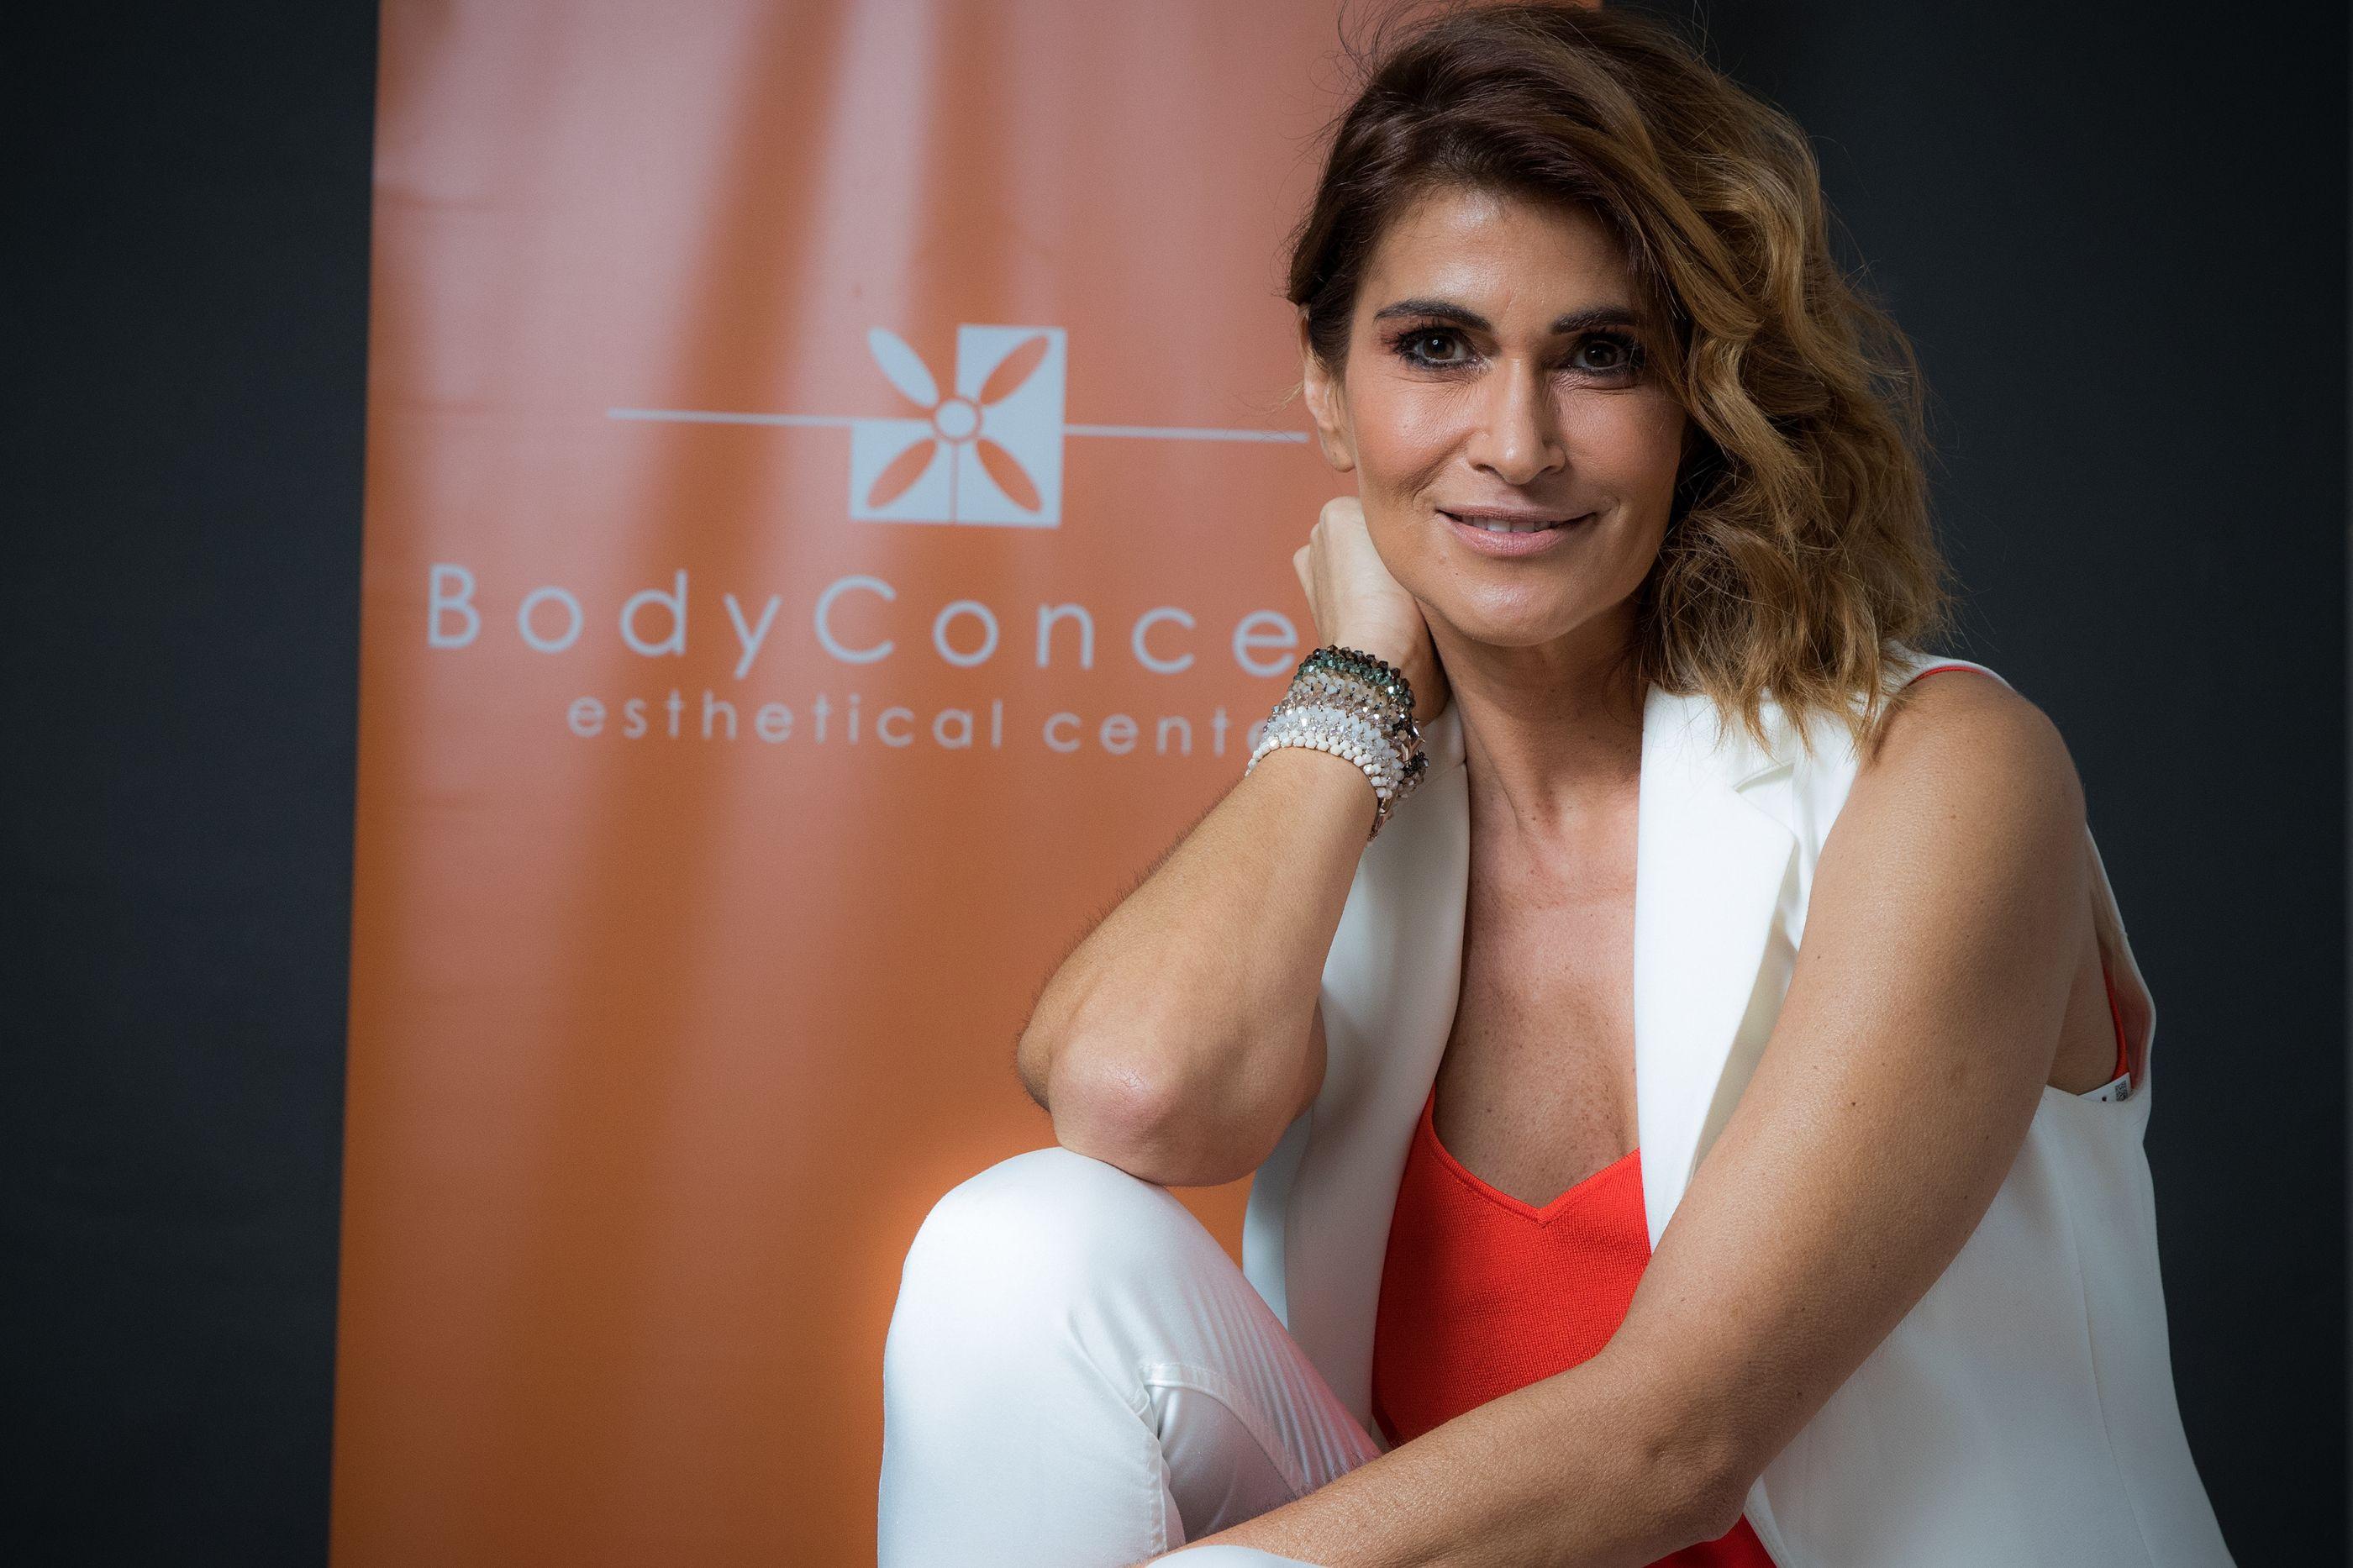 Pré-menopausa, perdas e depressão: A vida difícil de Liliana Campos